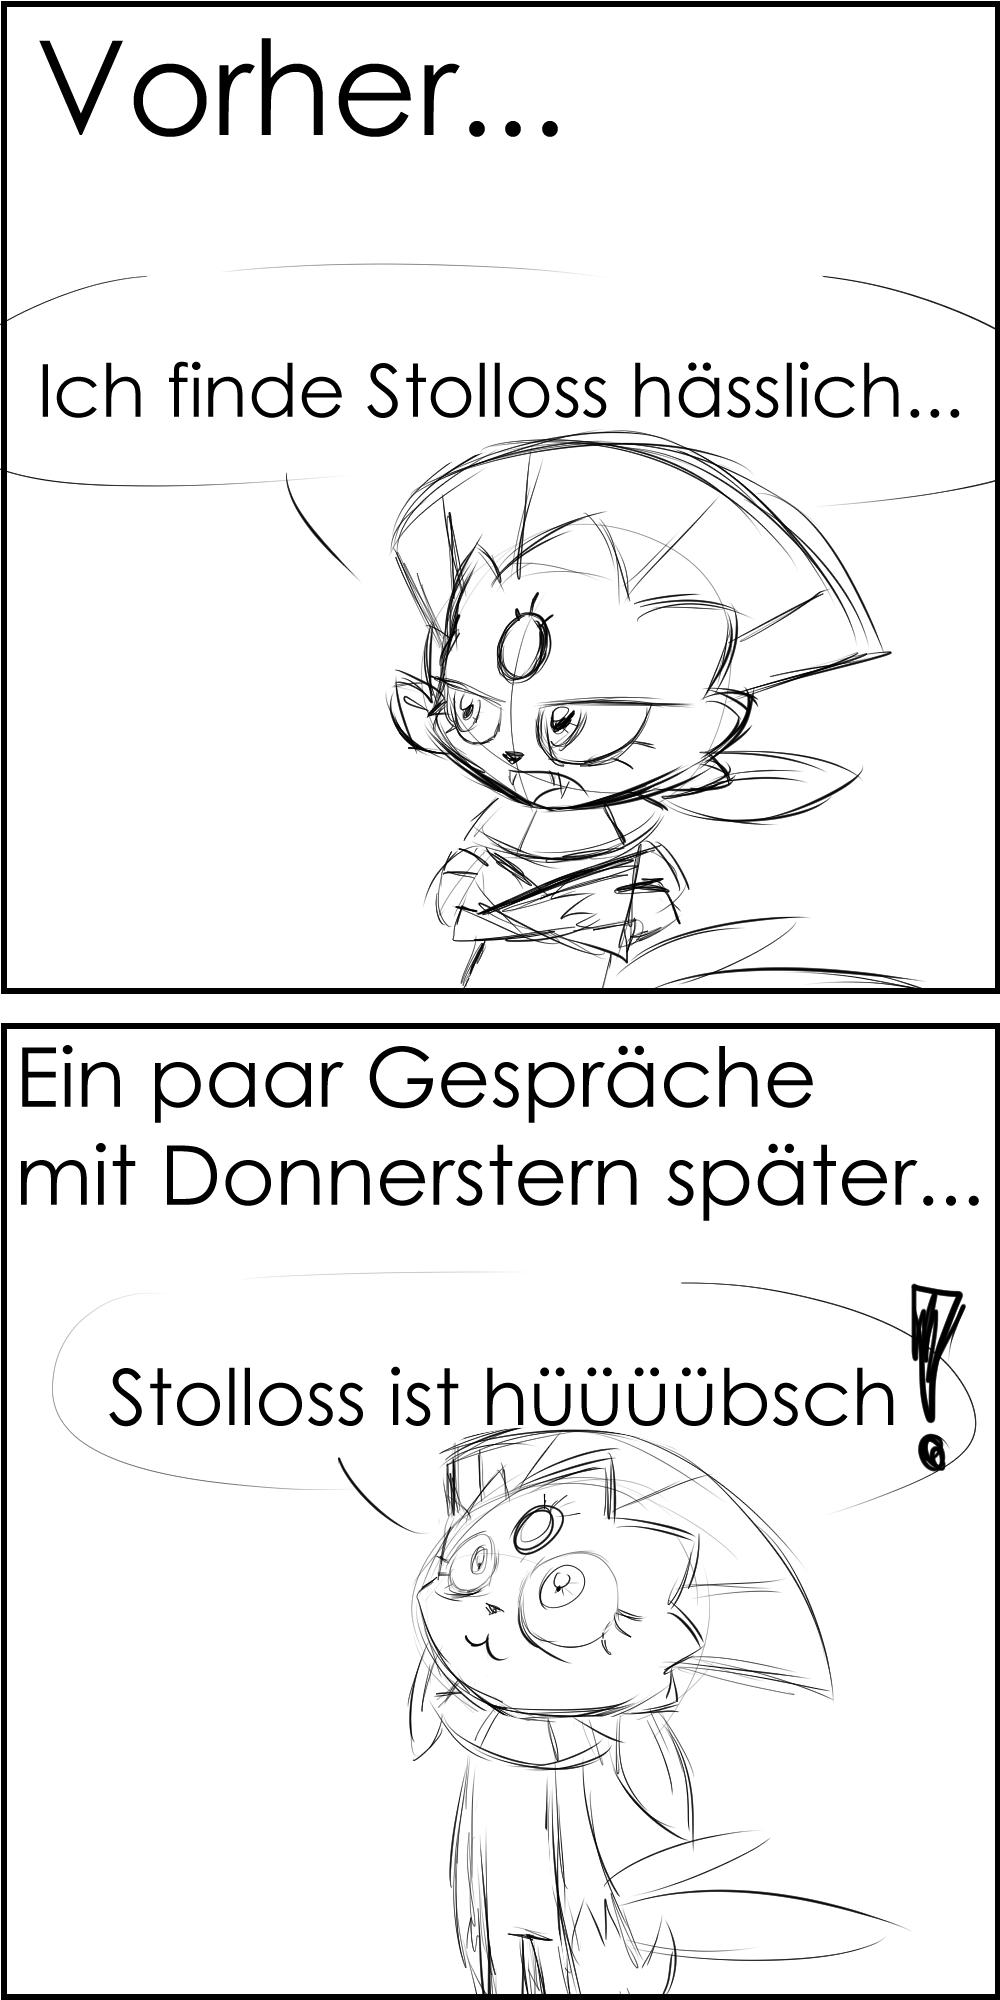 Pokémon-Zeichnung: Stolloss ist hüüübsch!